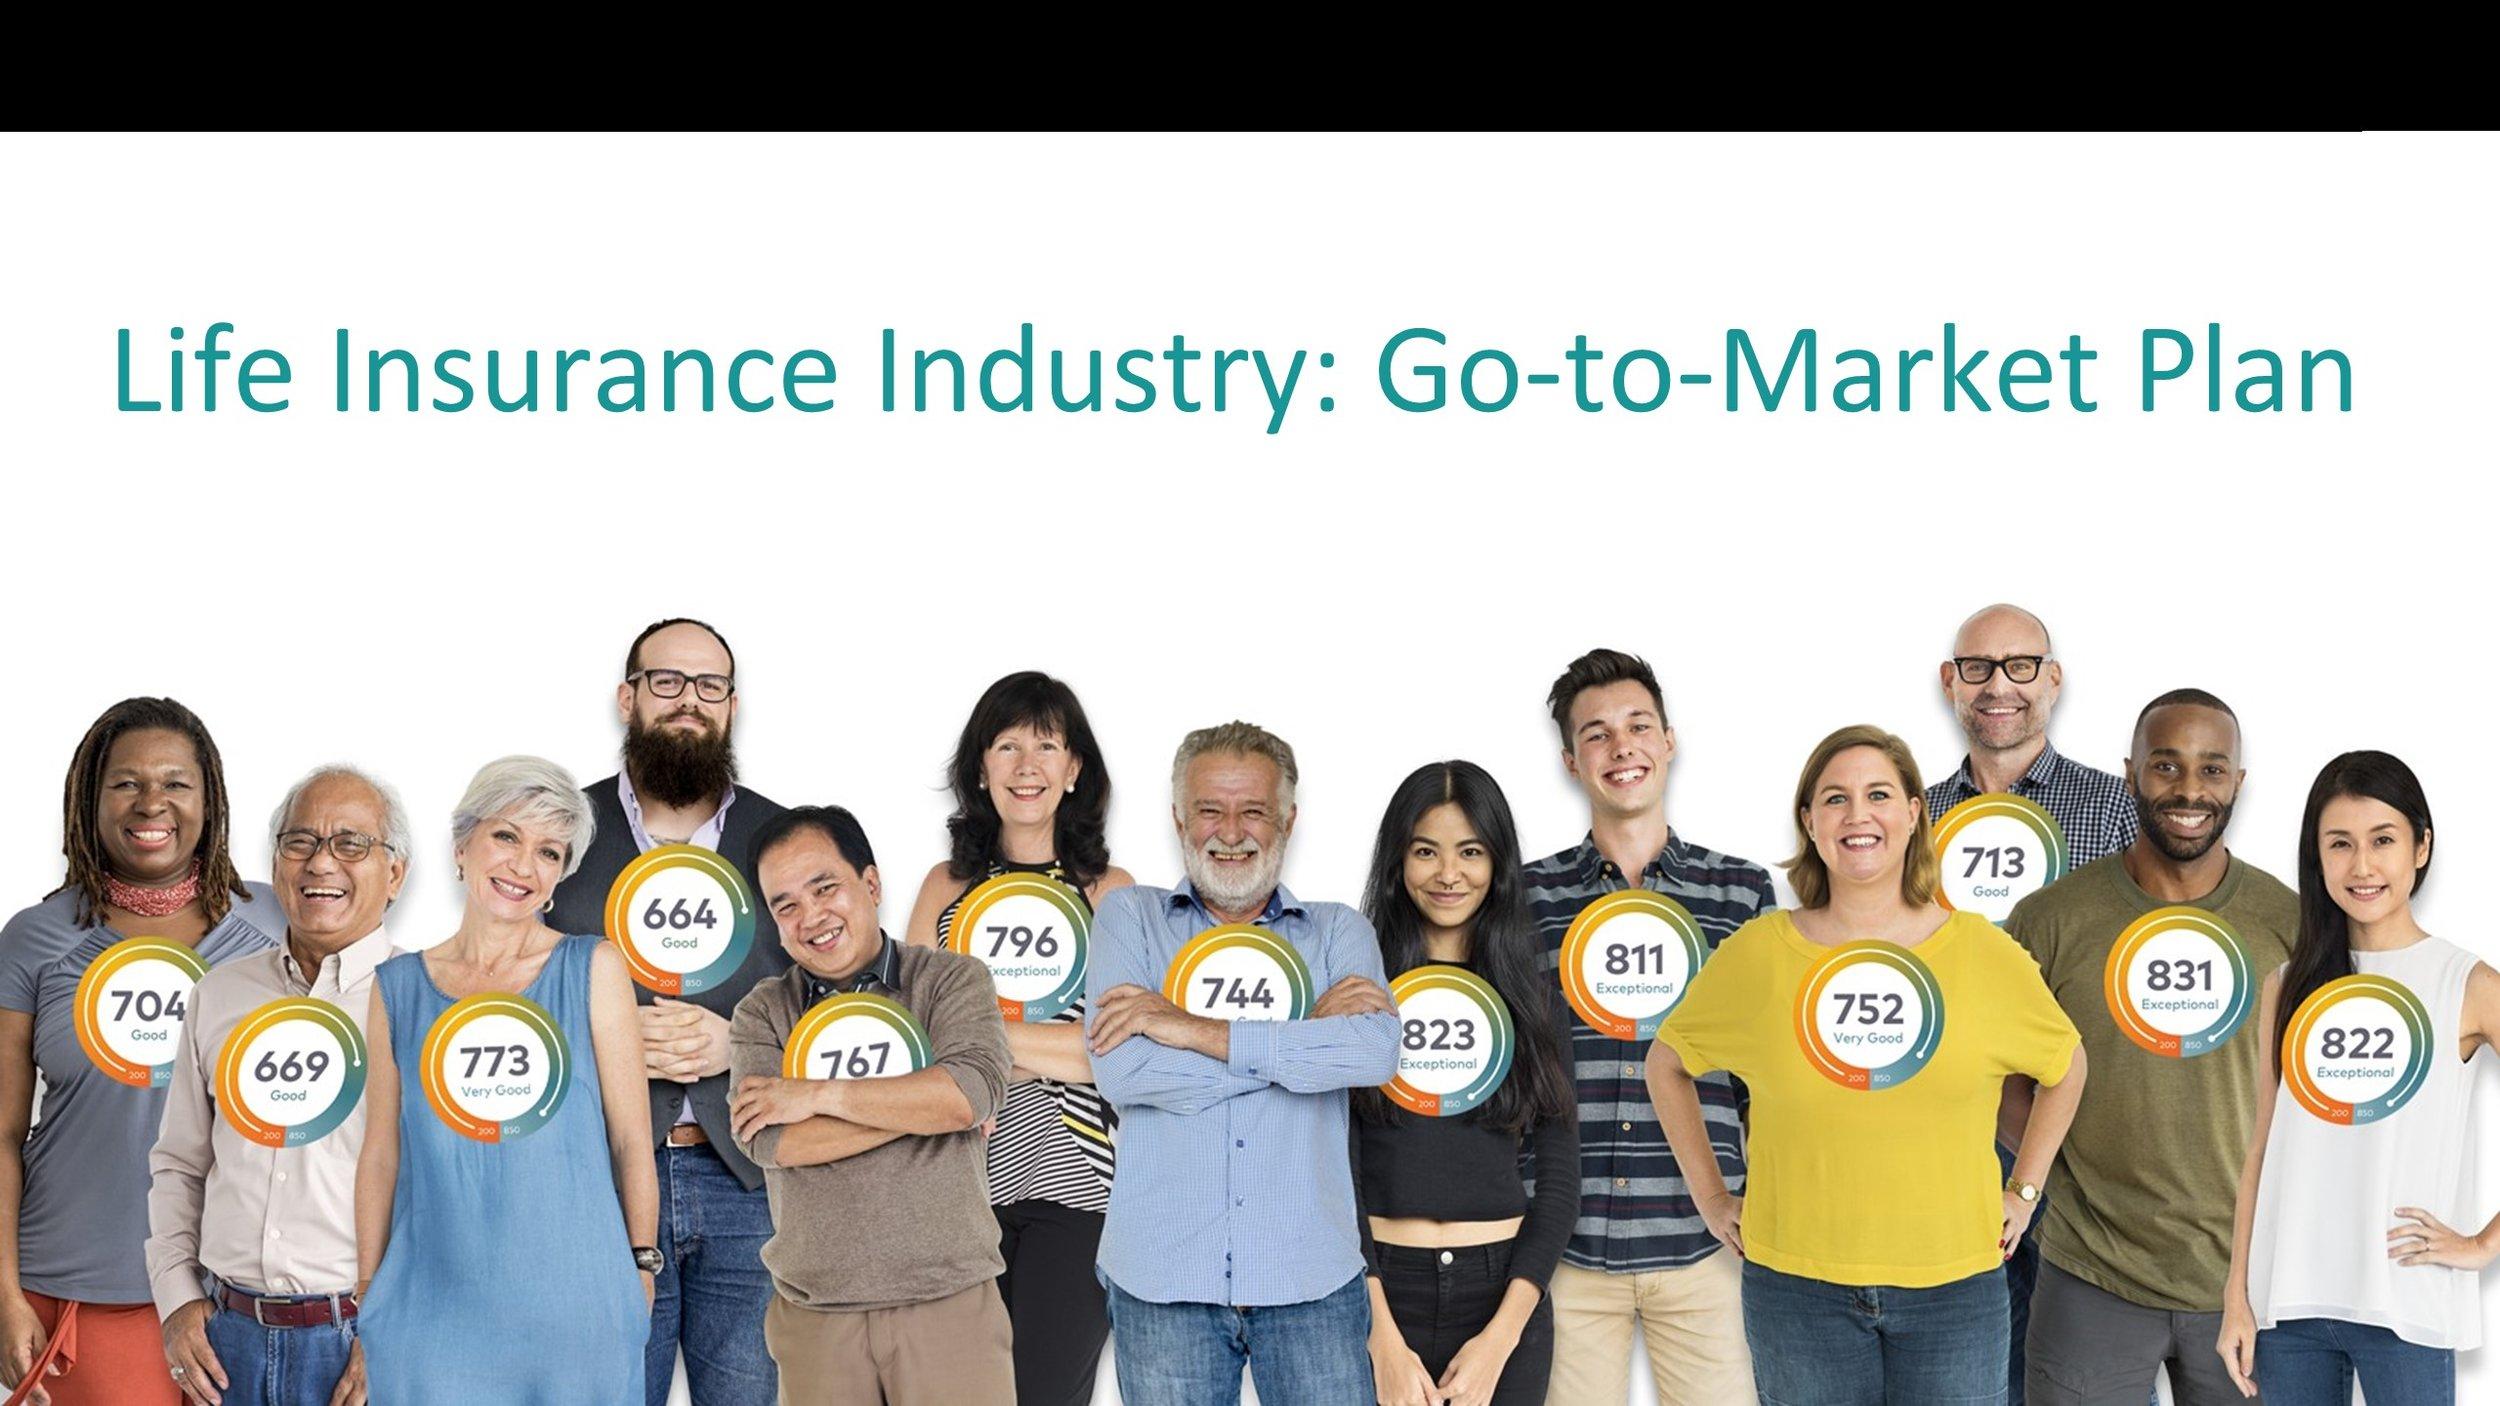 GTM Market Analysis Plan